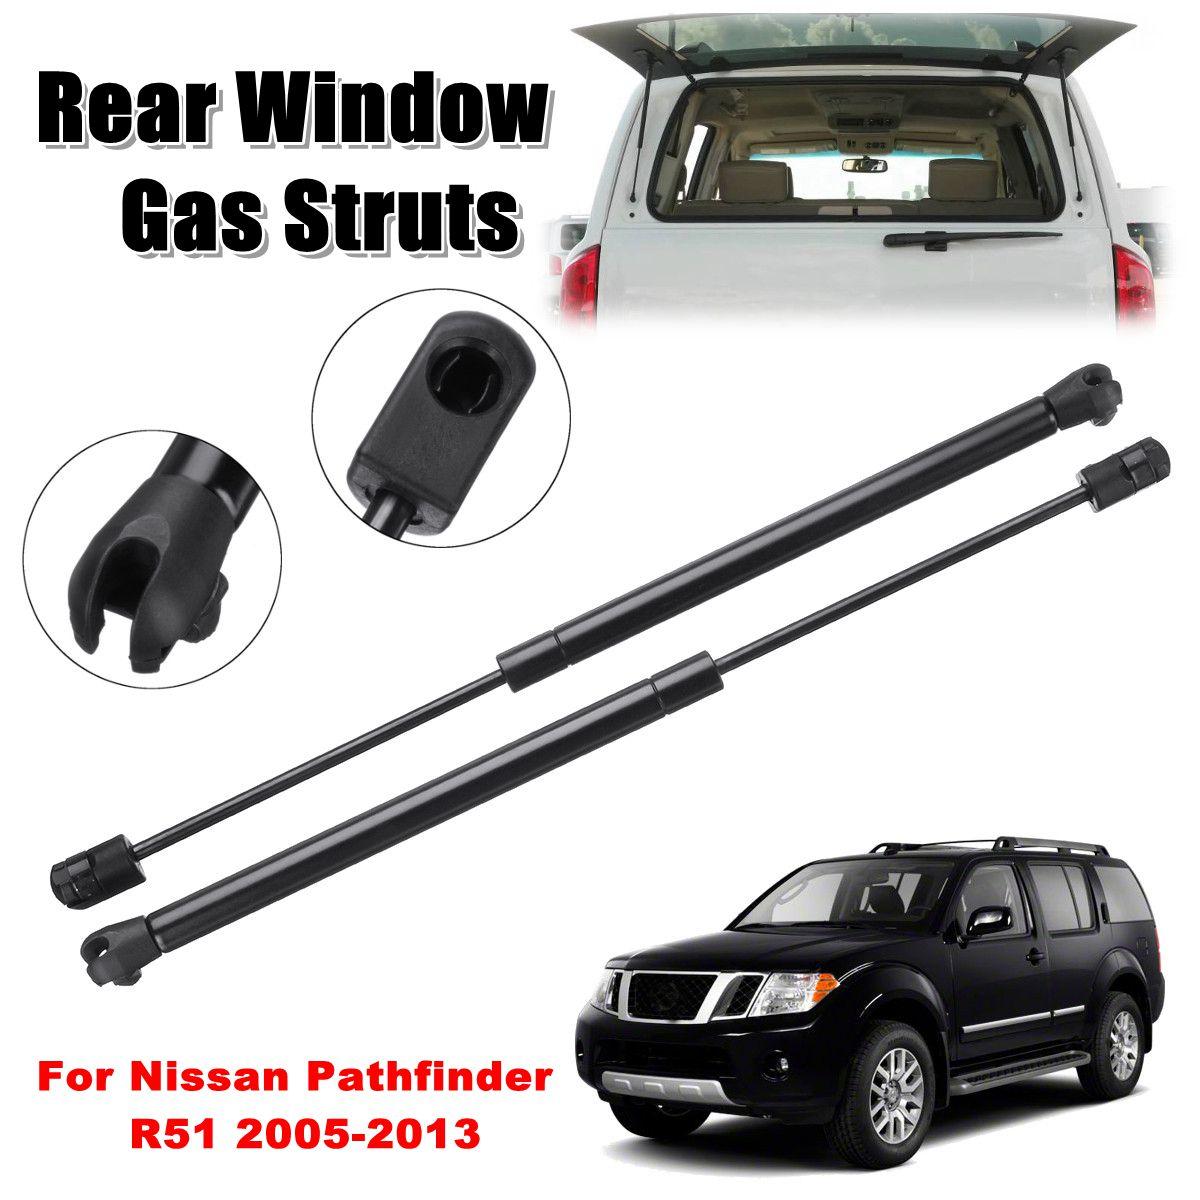 2X стойки для заднего стекла, стойки для газовых балок 90460ZL90A для Nissan Pathfinder R51 2005 2006 2007 2008 2009-2013